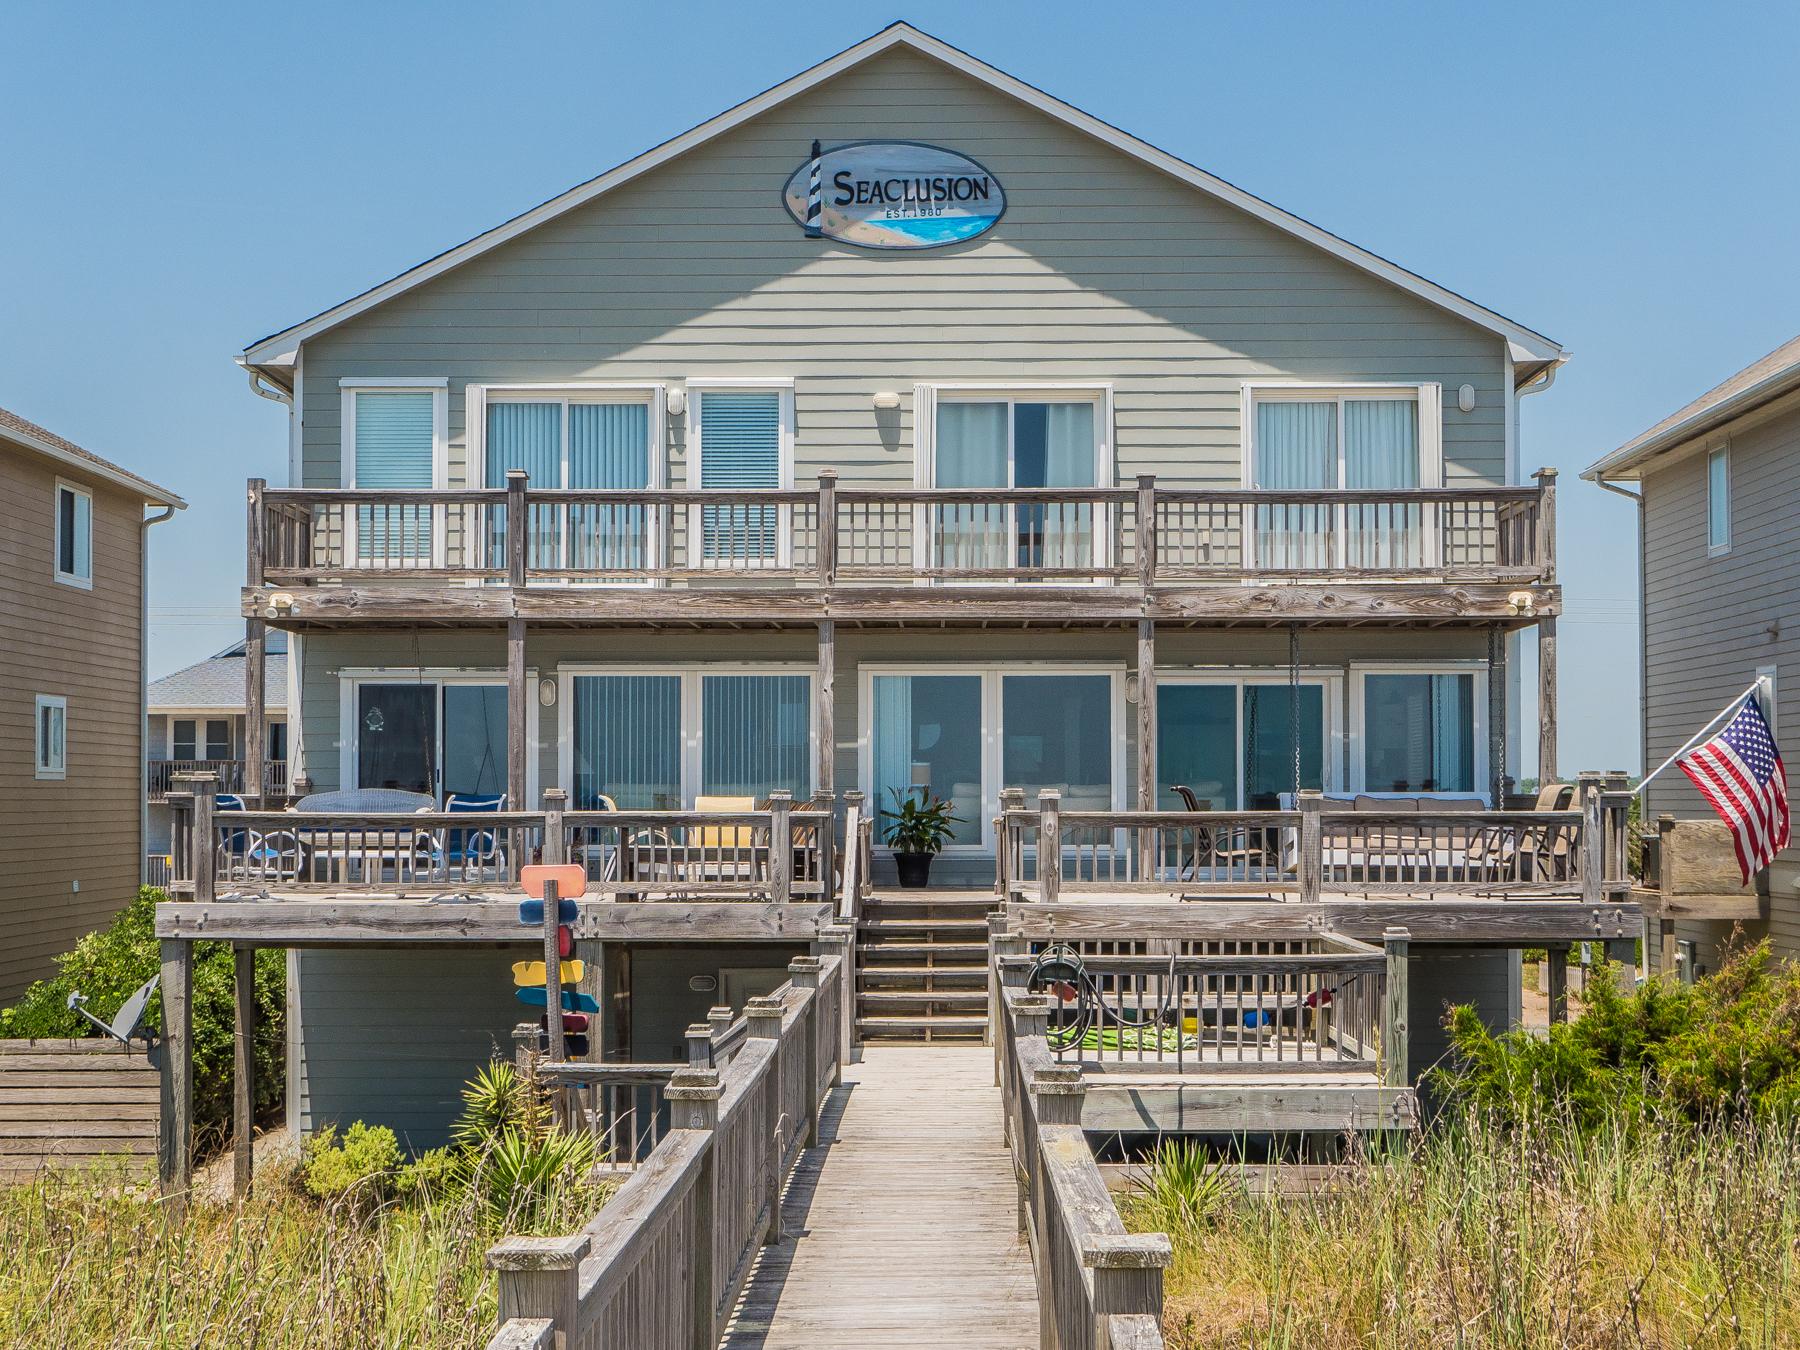 단독 가정 주택 용 매매 에 Oceanfront Magnificence 508 South Shore Drive Surf City, 노스캐놀라이나 28445 미국